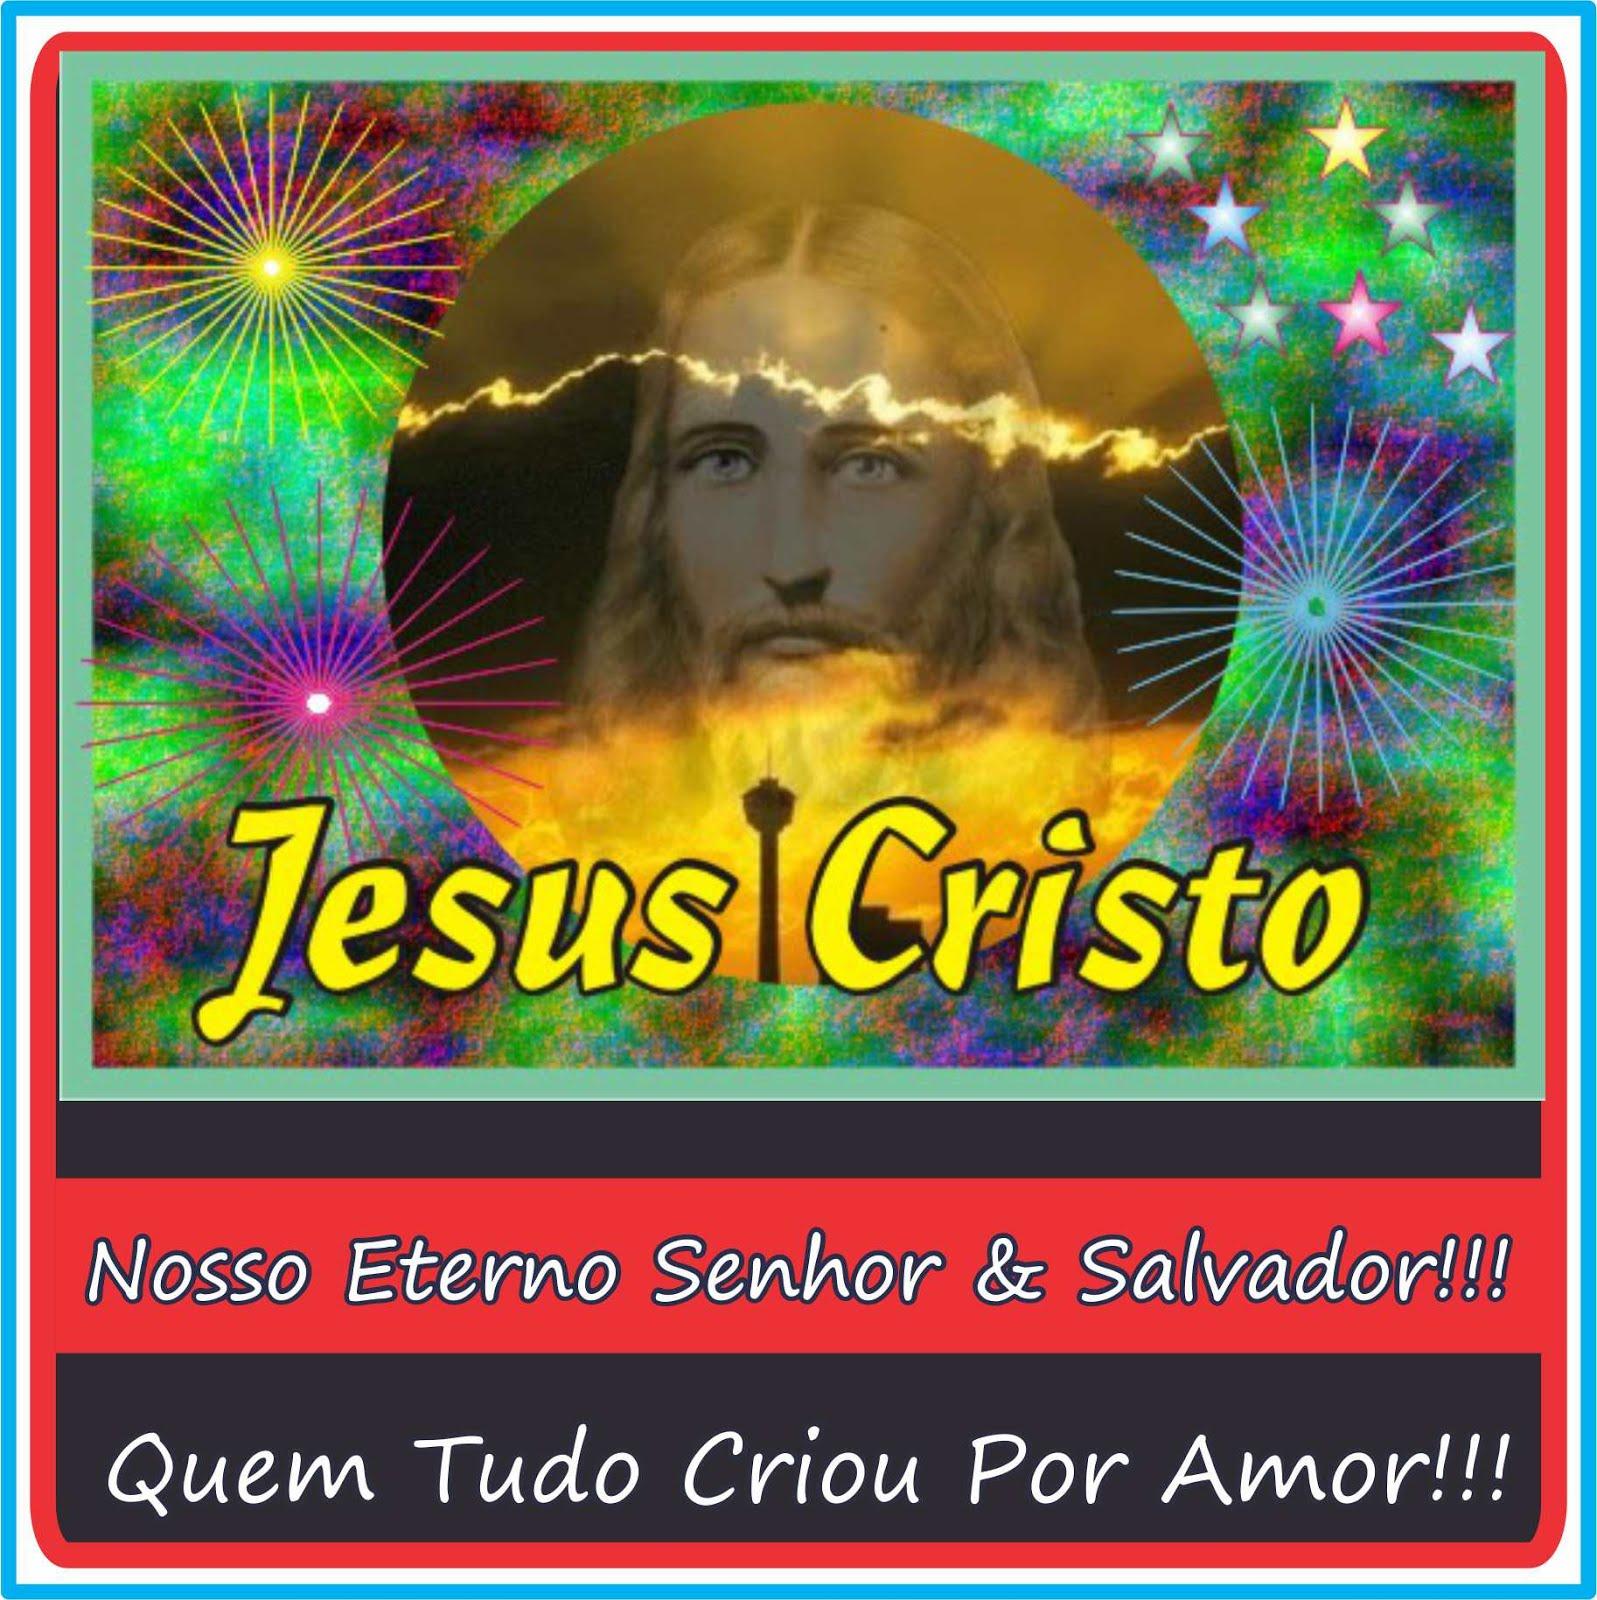 Jesus Cristo Nosso Eterno Senhor e Salvador